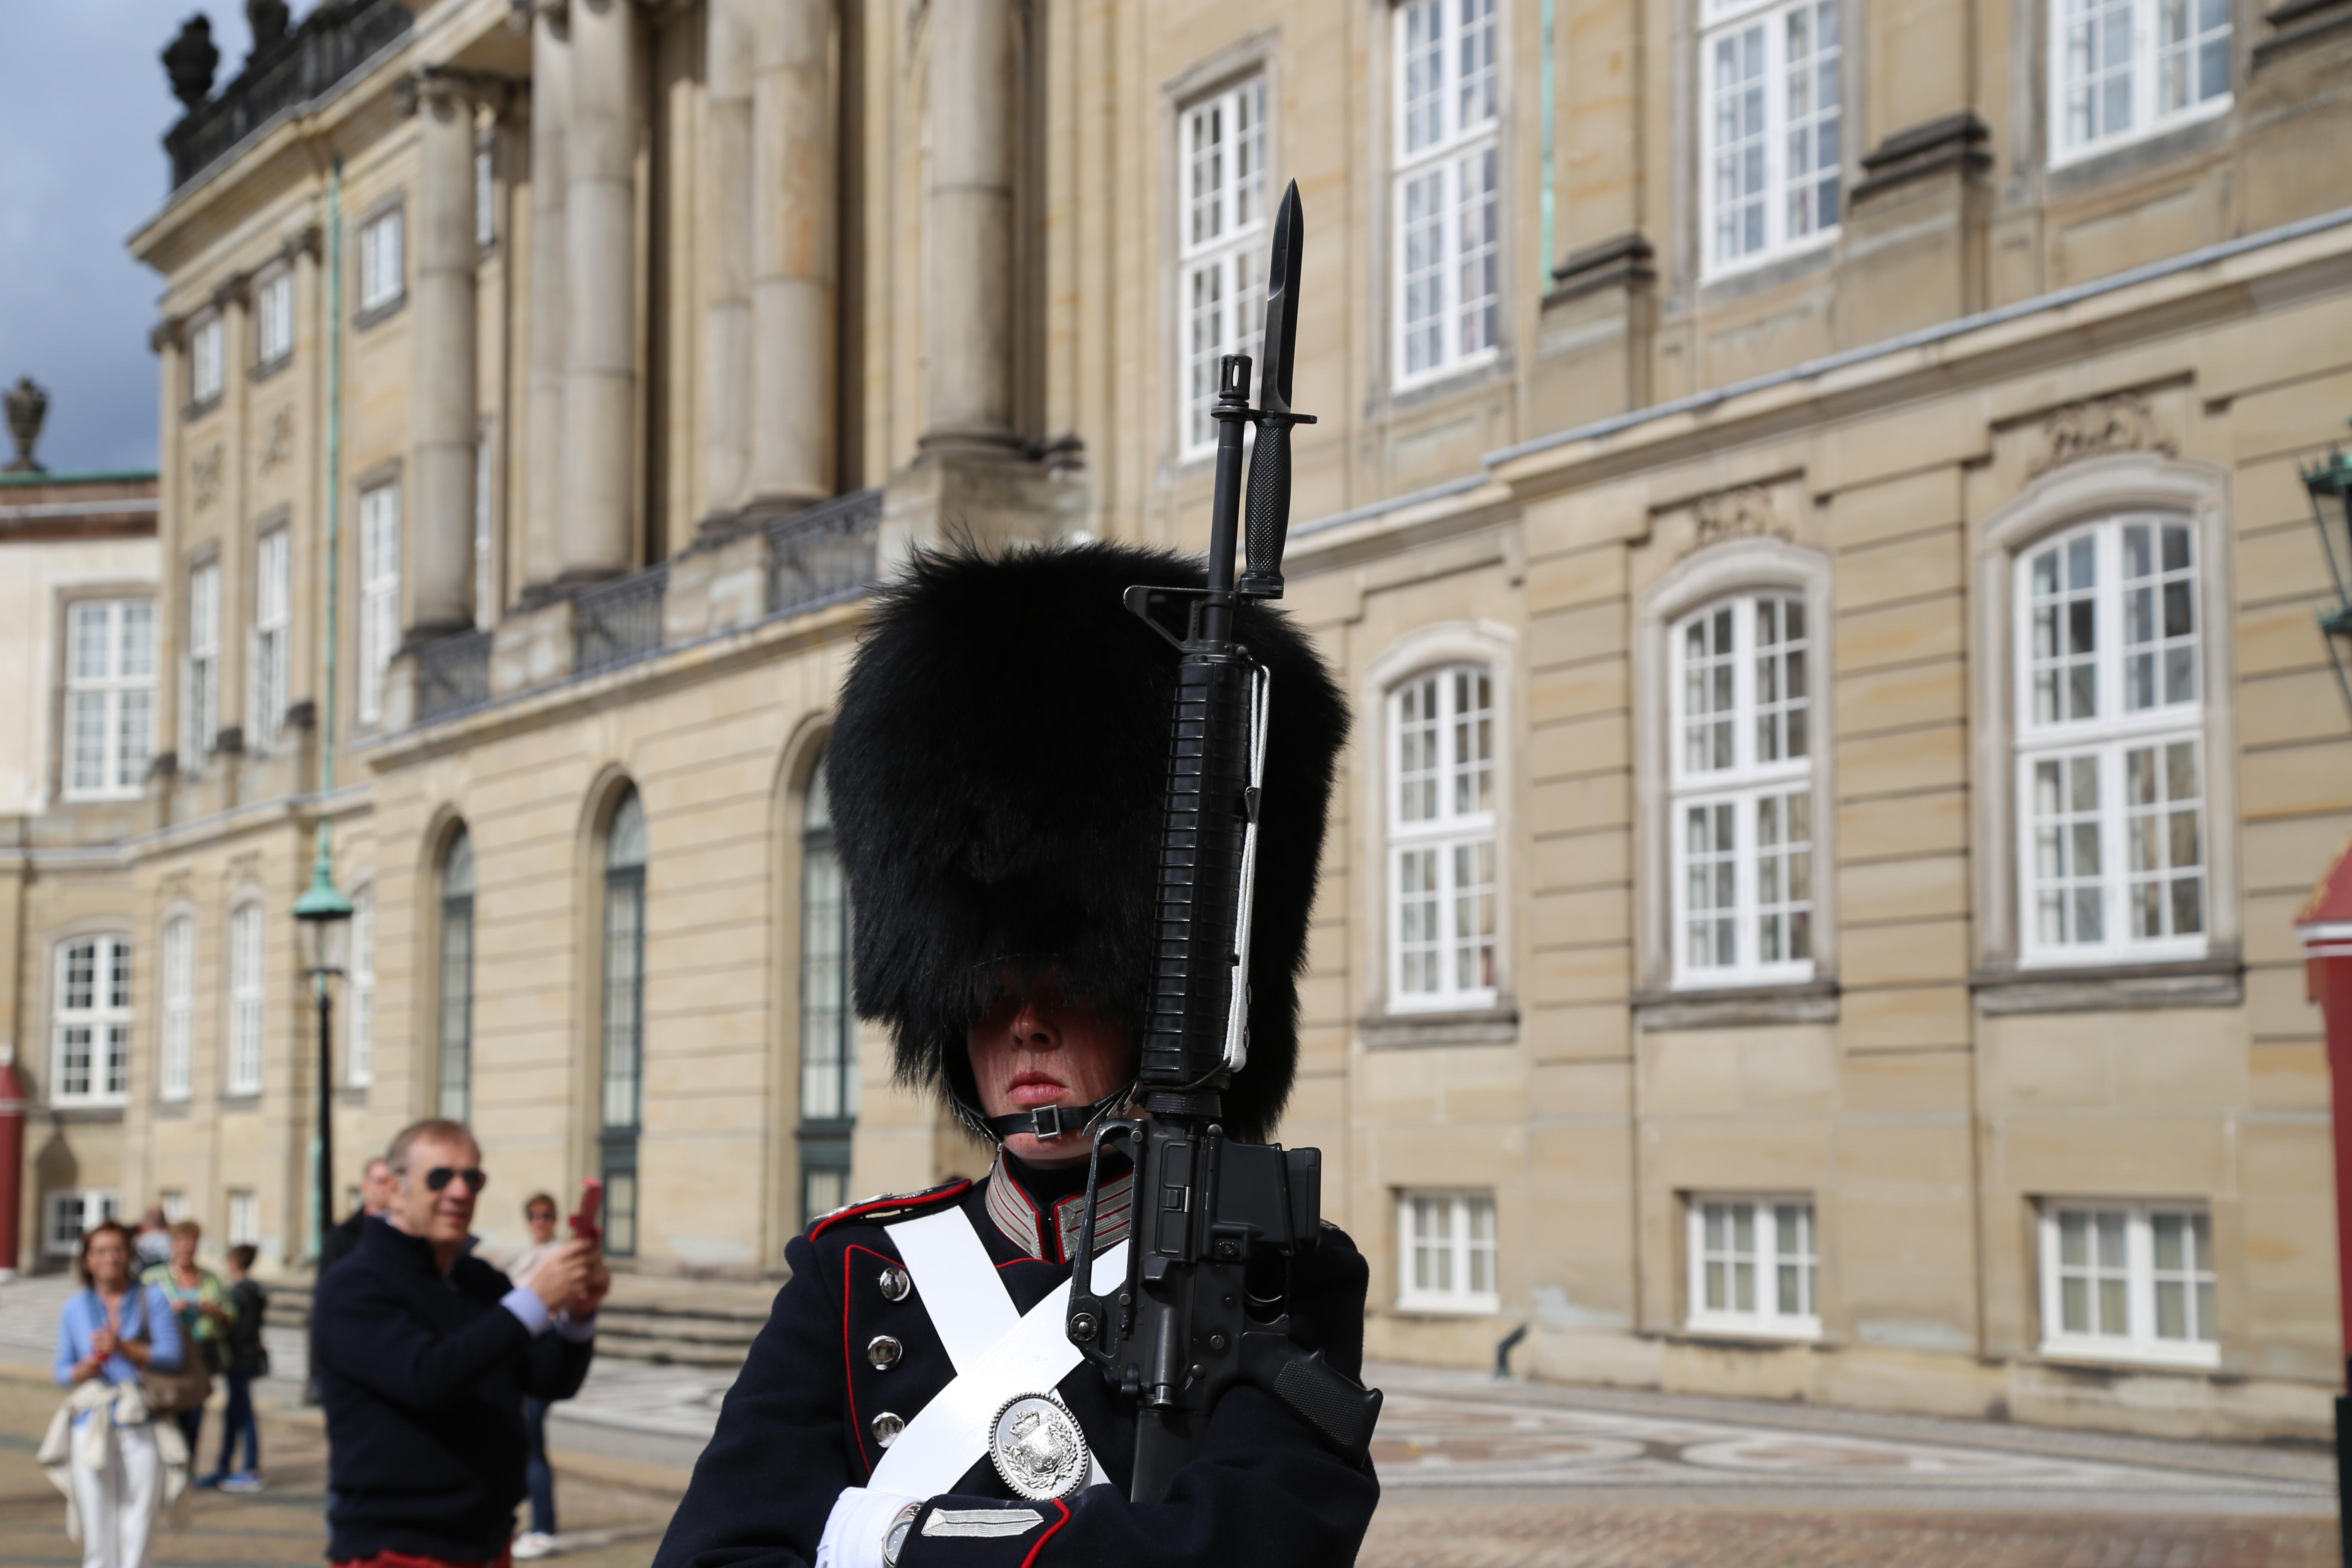 Copenhagen (Danimarca) – Soldato con tipico cappello in pelliccia d'orso, a guardia del castello reale